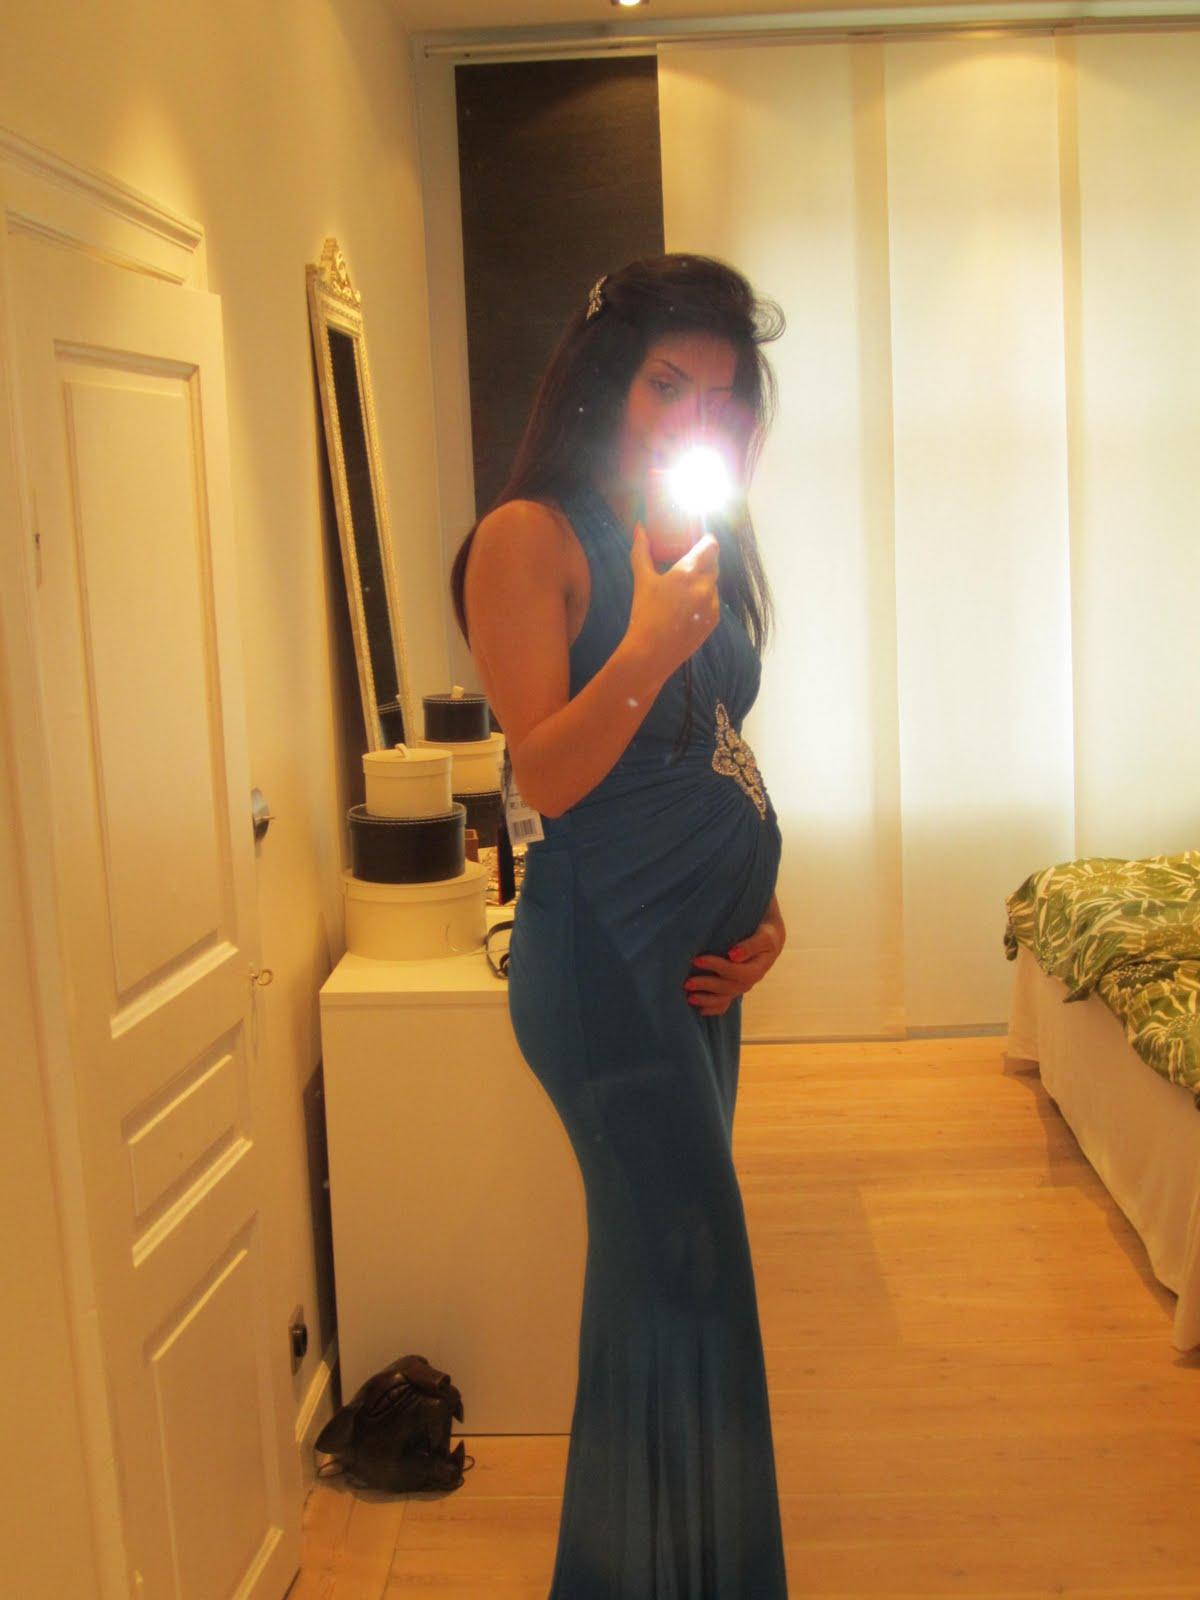 8fc4ca383652 Har inte riktigt bestämt om jag ska behålla klänningen eller inte... tänk  ...